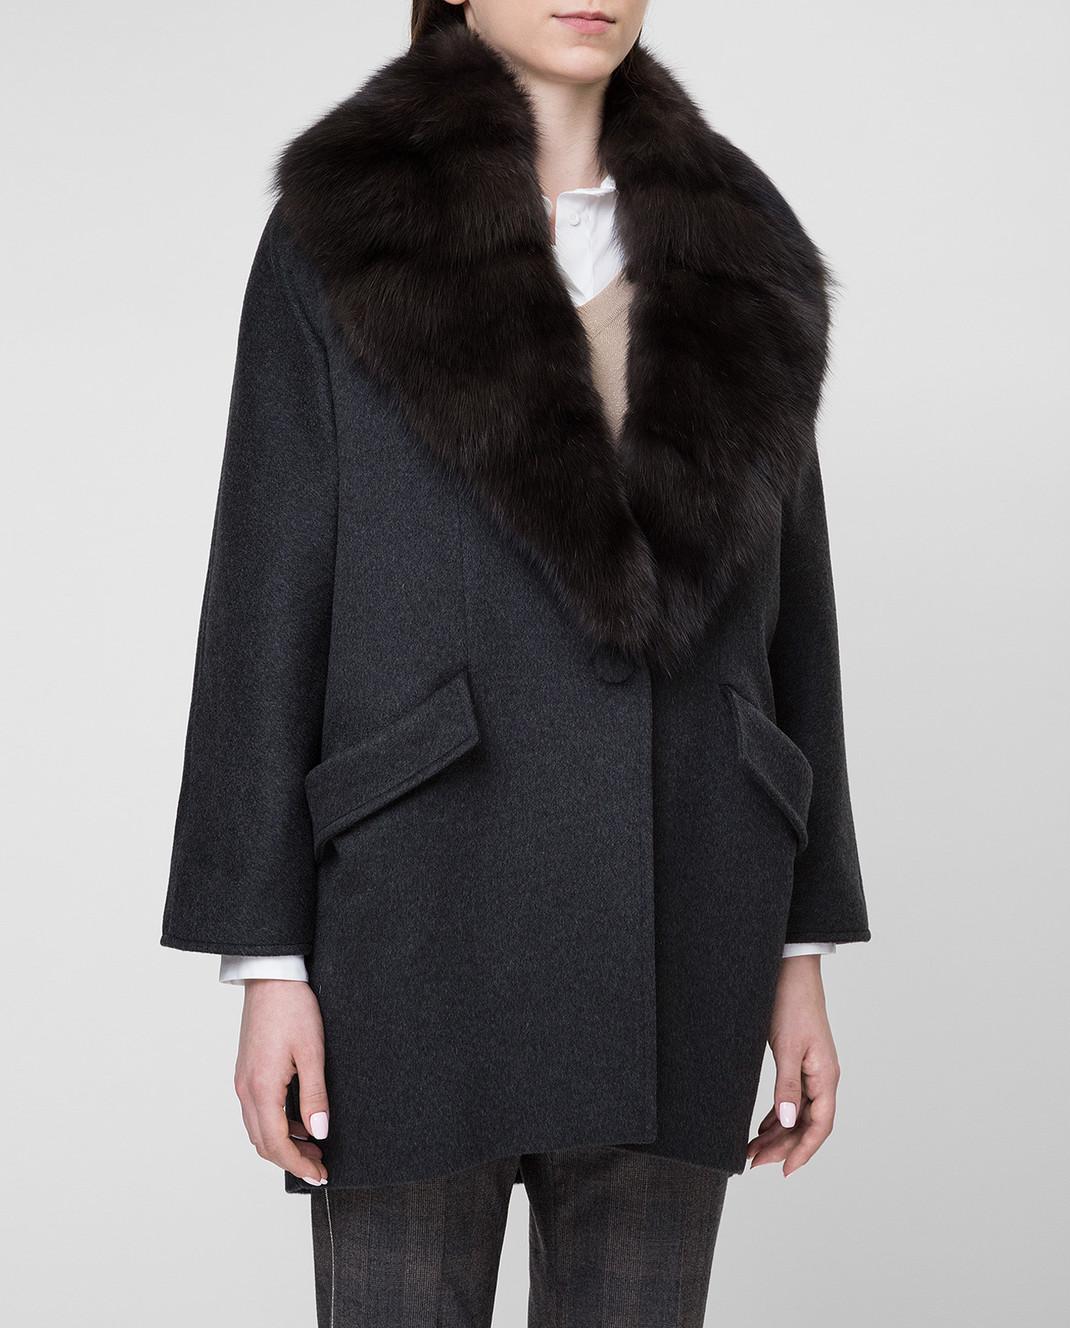 Real Furs House Черное пальто QSR433 изображение 3